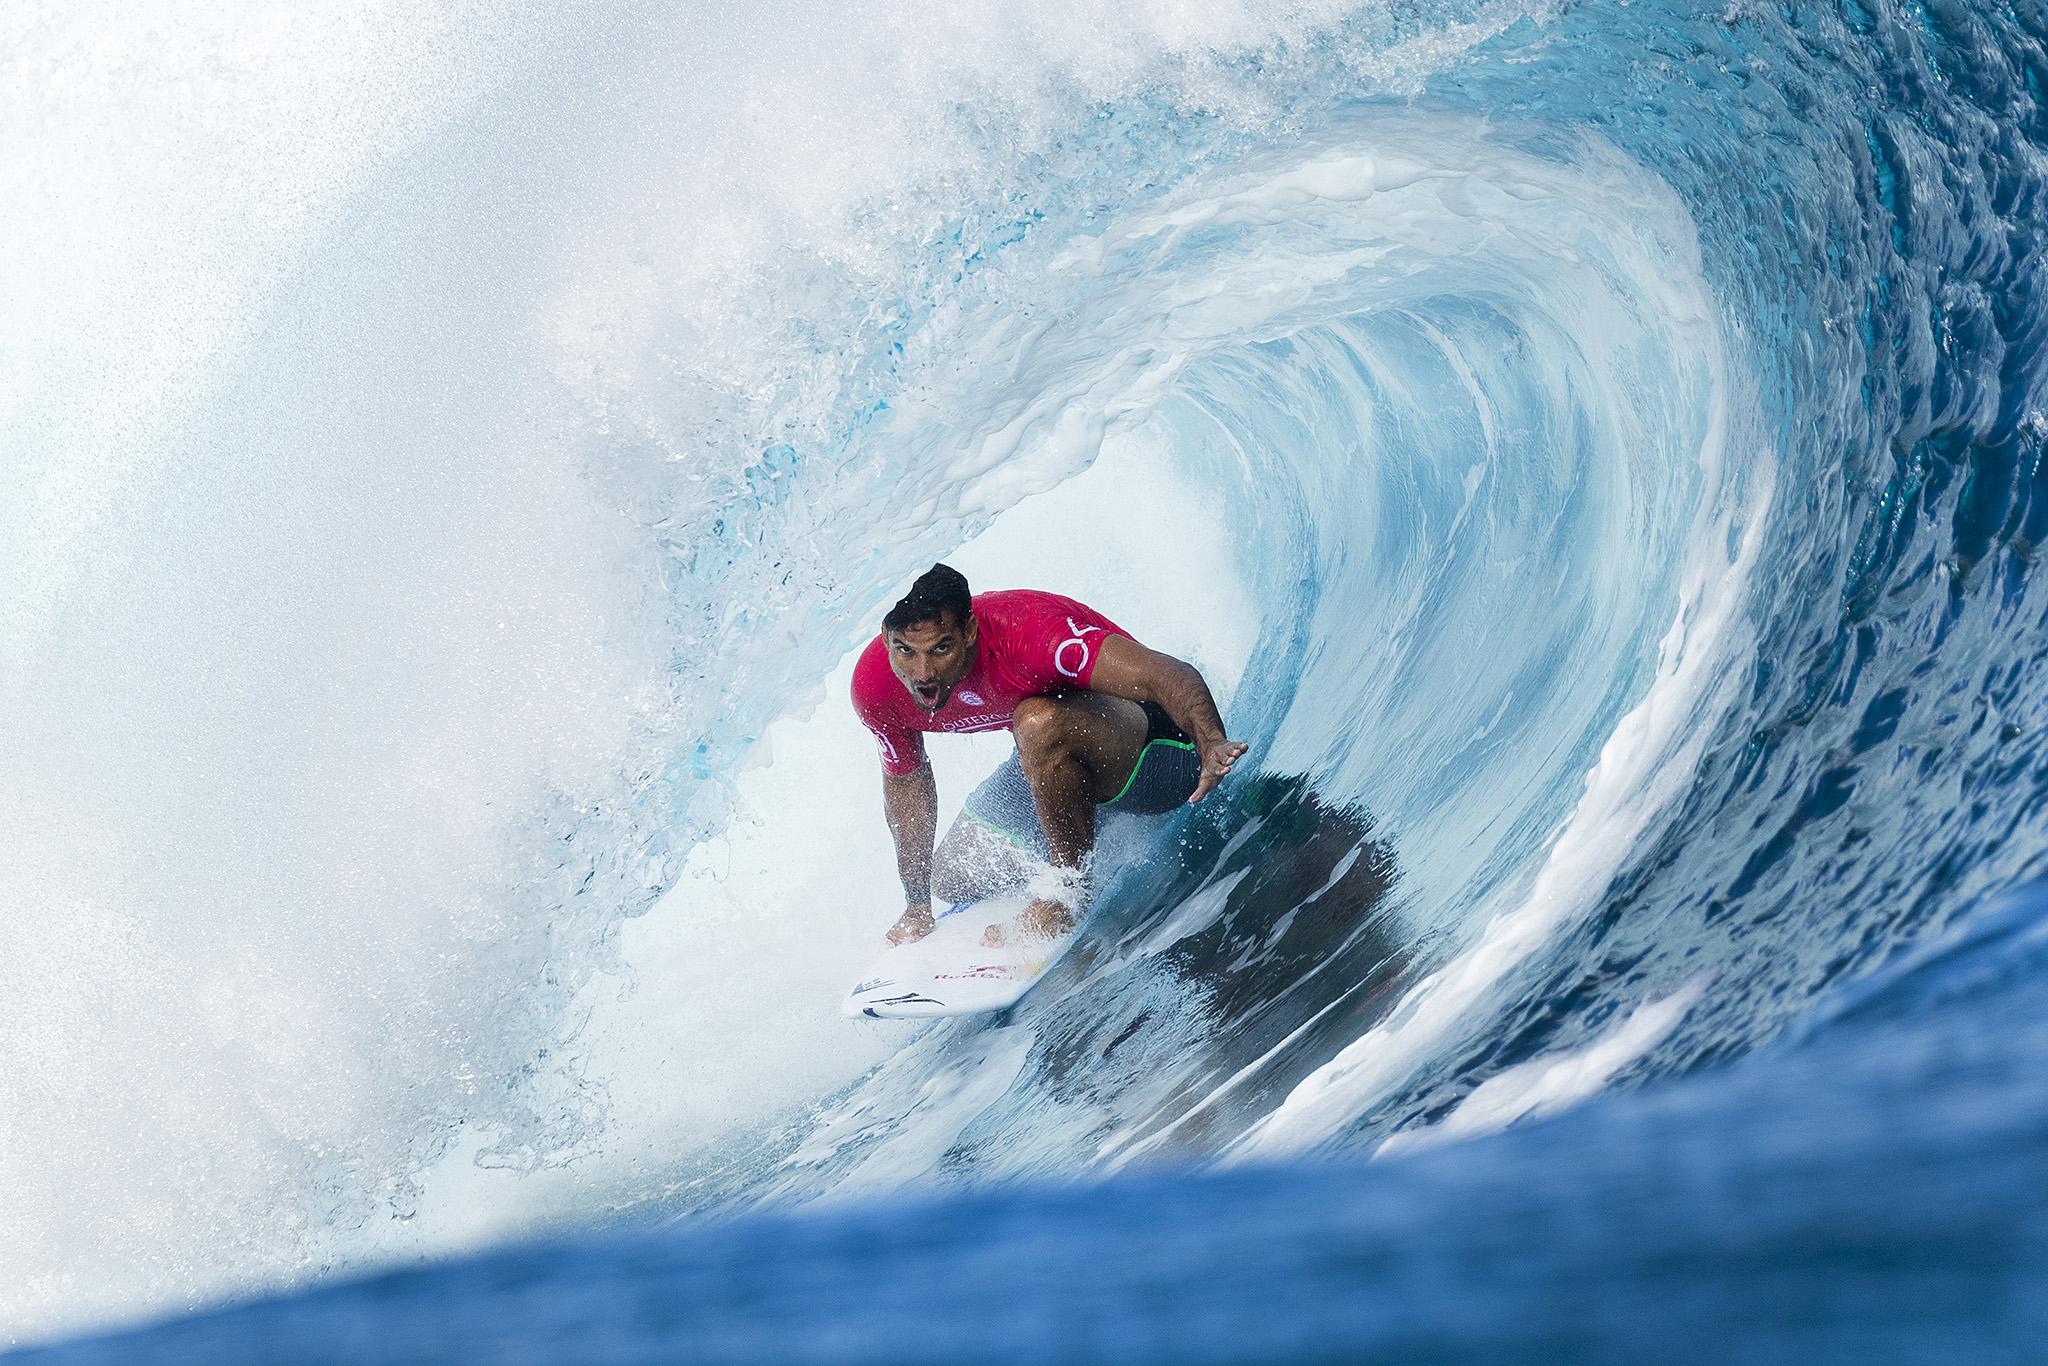 Bon débit de compétition pour Michel Bourez (photo d'illustration)